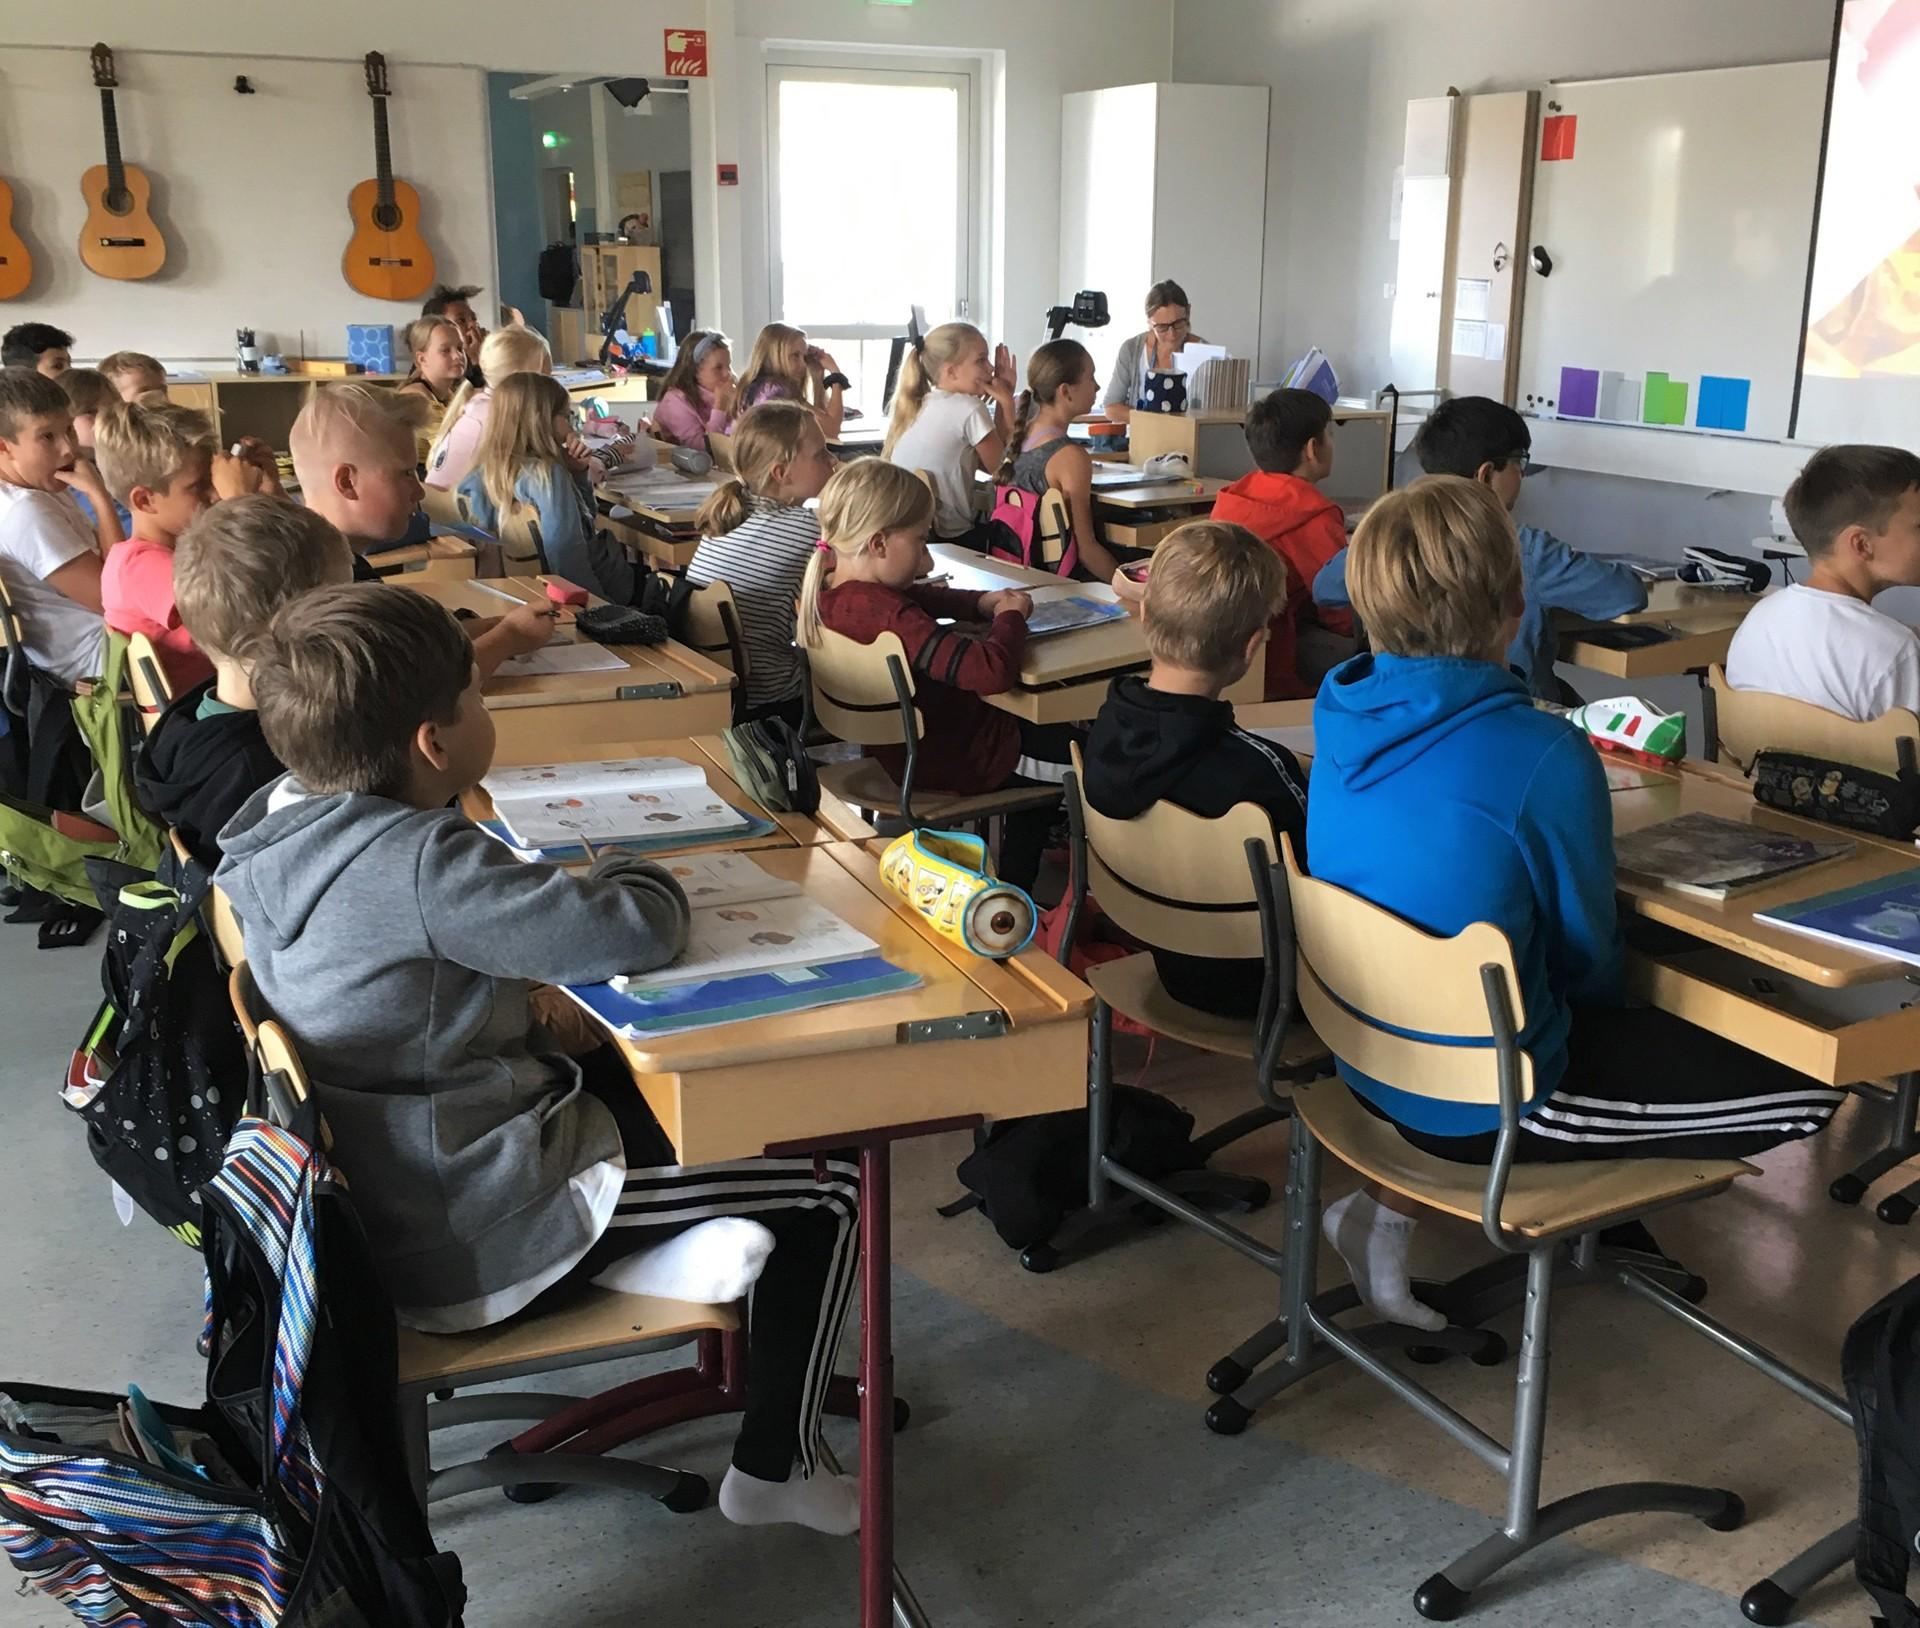 O que o Brasil pode aprender com a educação da Finlândia - Notícias - Plantão Diário